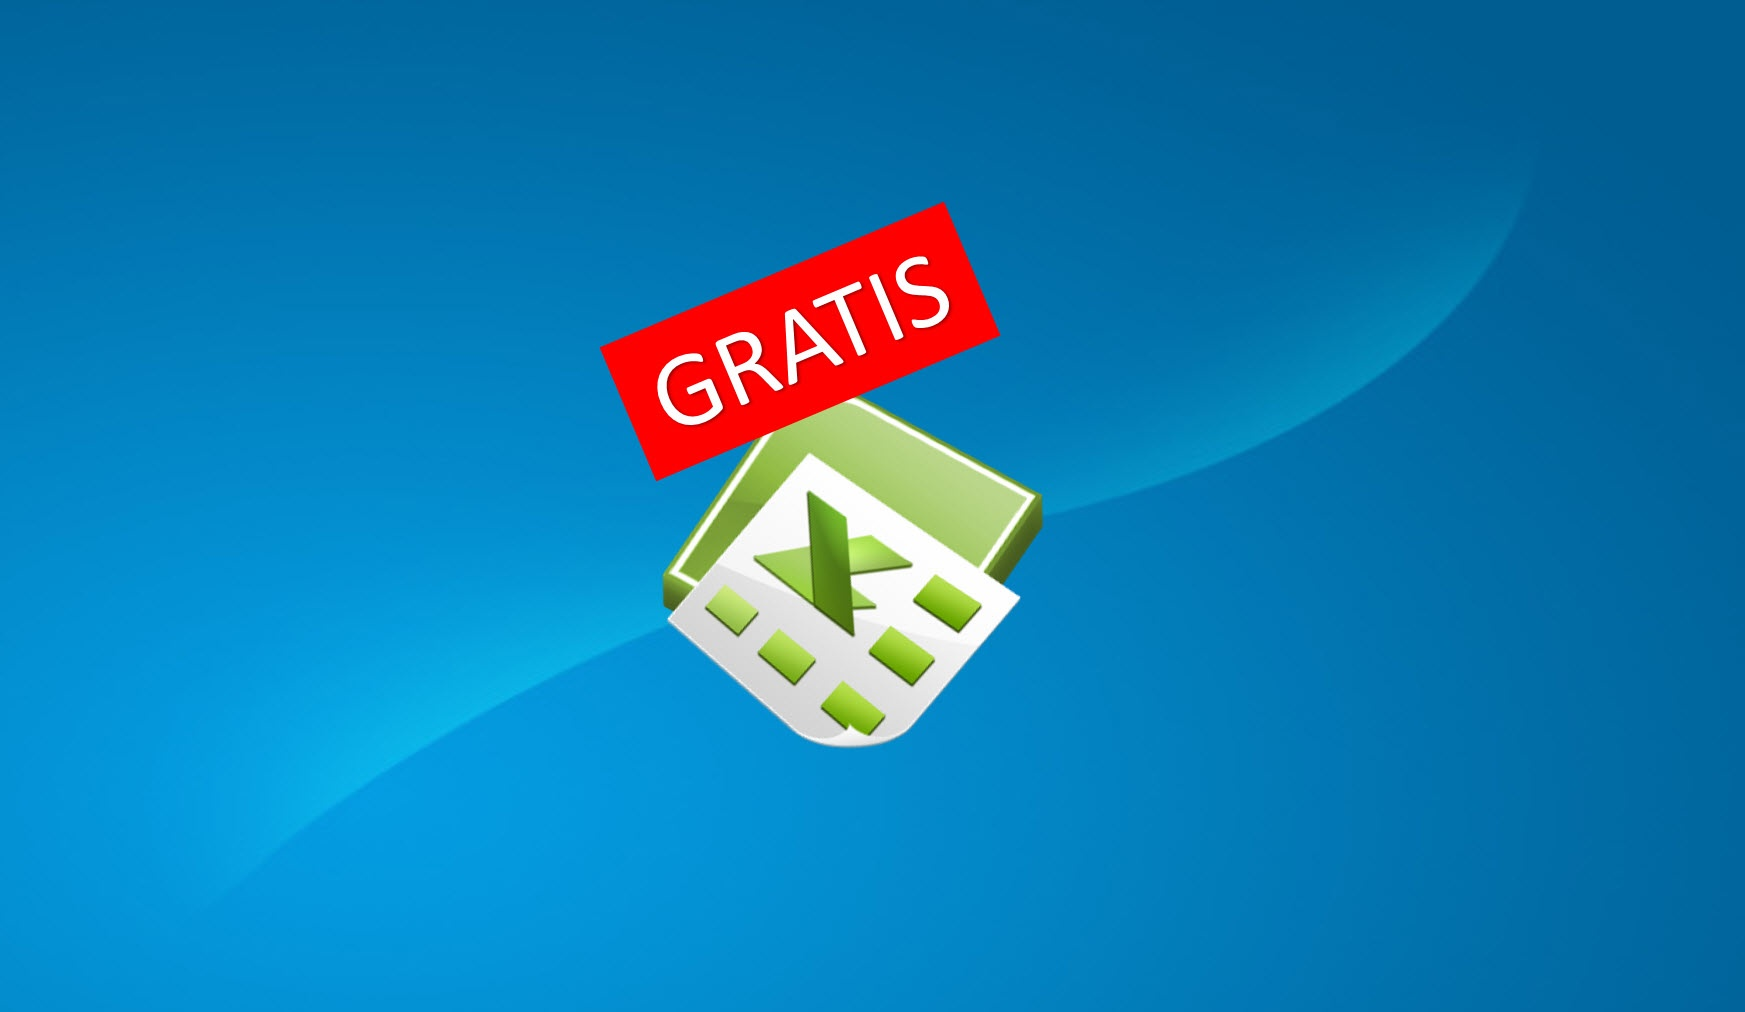 Enkel grafisk prosjektvisning i GRATIS Excel mal.